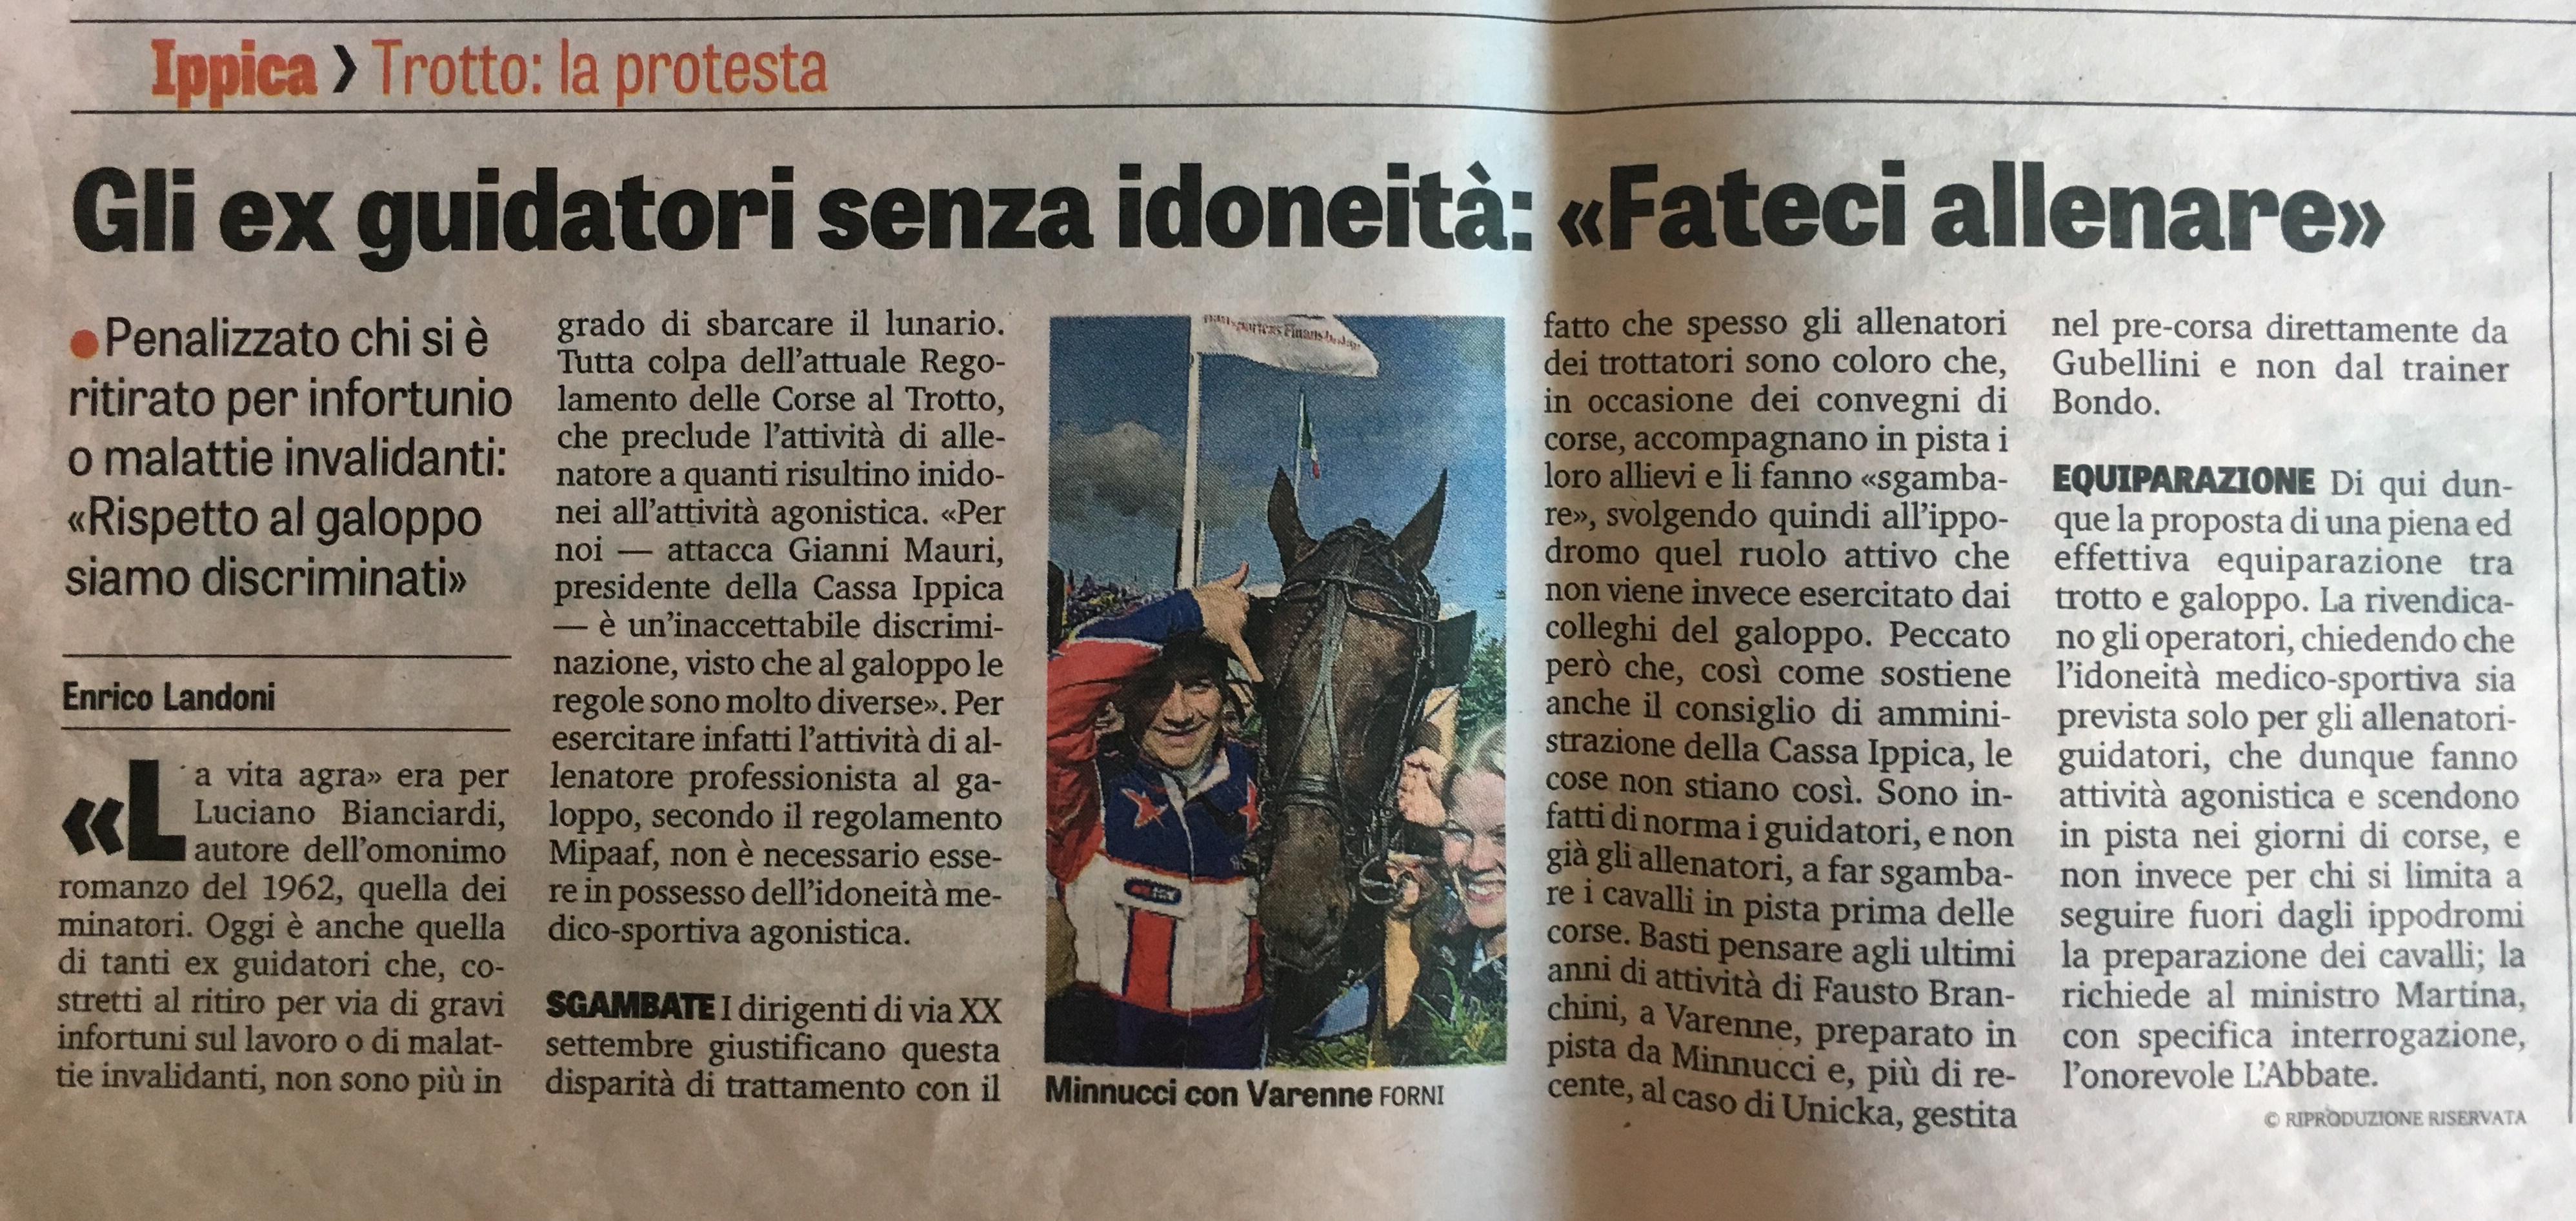 La Gazzetta dello Sport - 24.11.2016